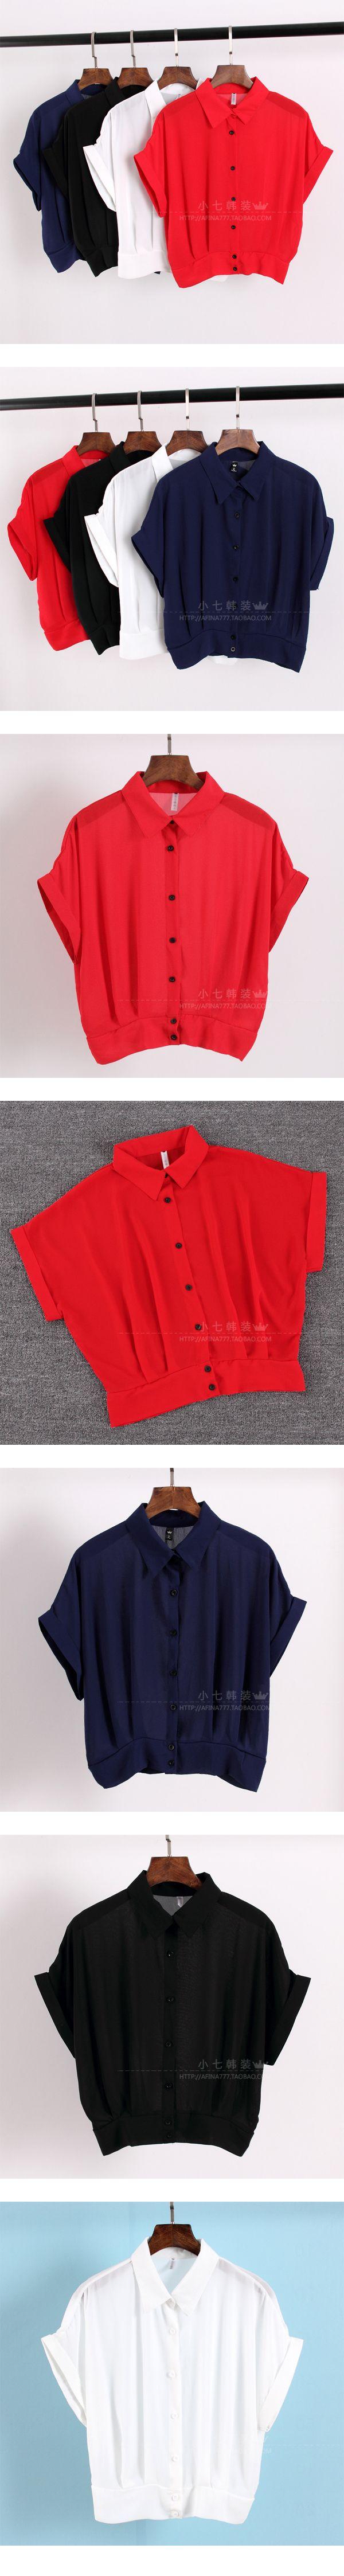 Kadın kısa kollu tişört yaz gevşek şifon gömlek Kore versiyonu ince kat gelgit oldu Büyük kilometre yaka yarasa kollu şifon gömlek - Taobao